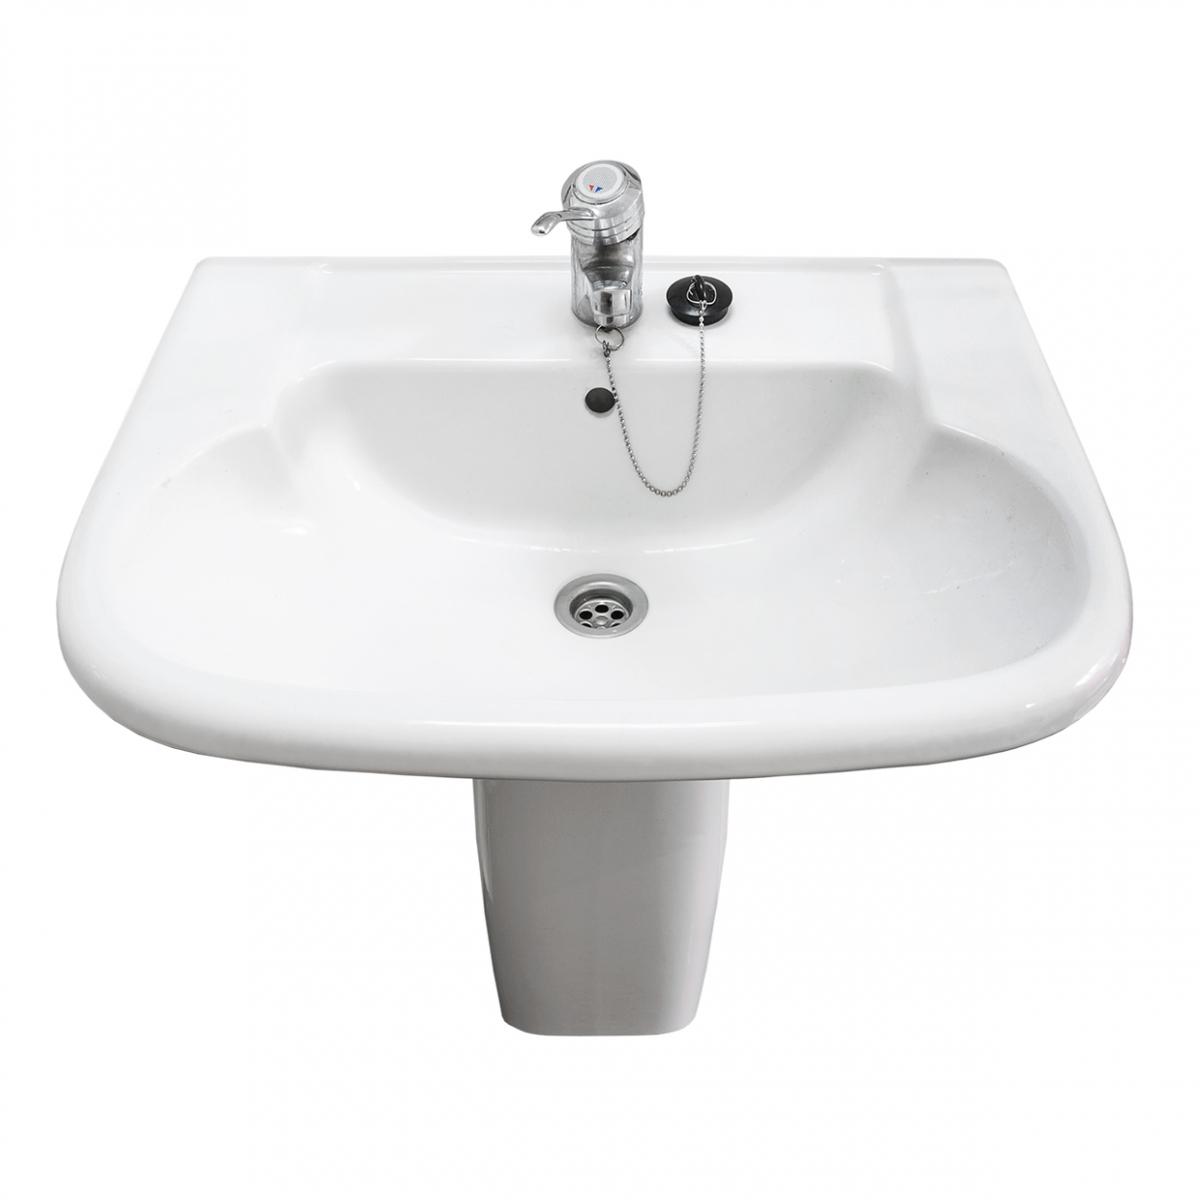 Imagen en la que se ve un lavabo